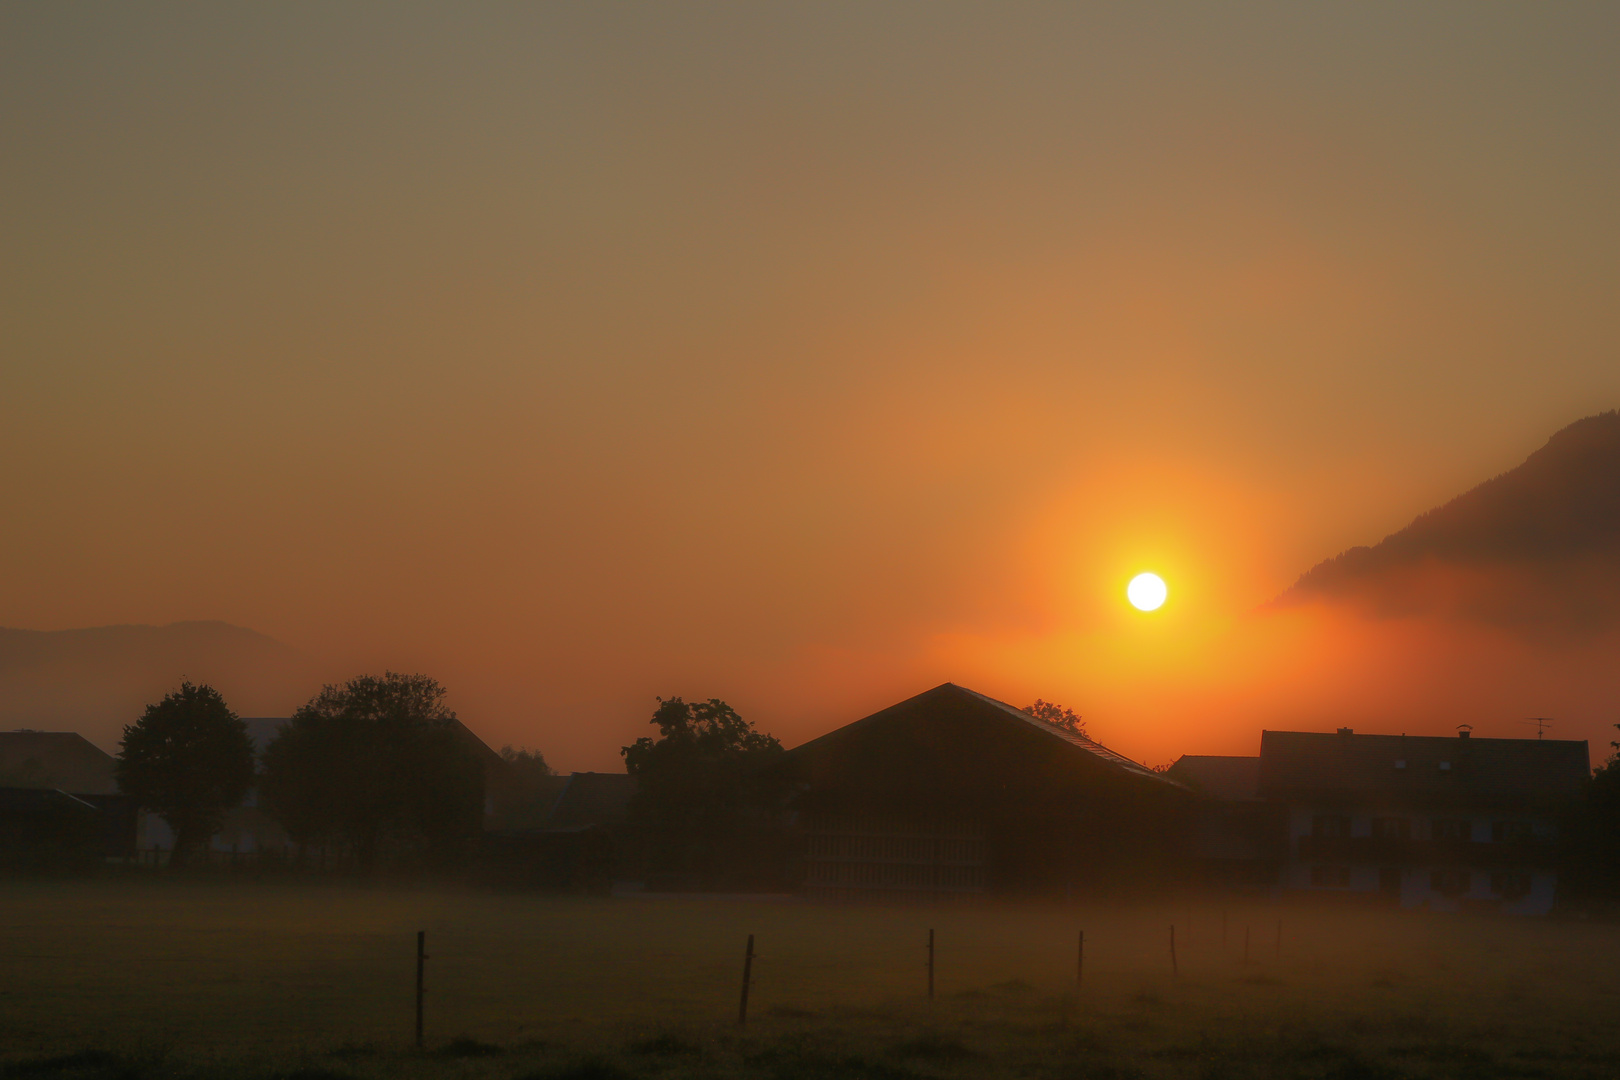 Sonnenaufgang im Nebel der Isar